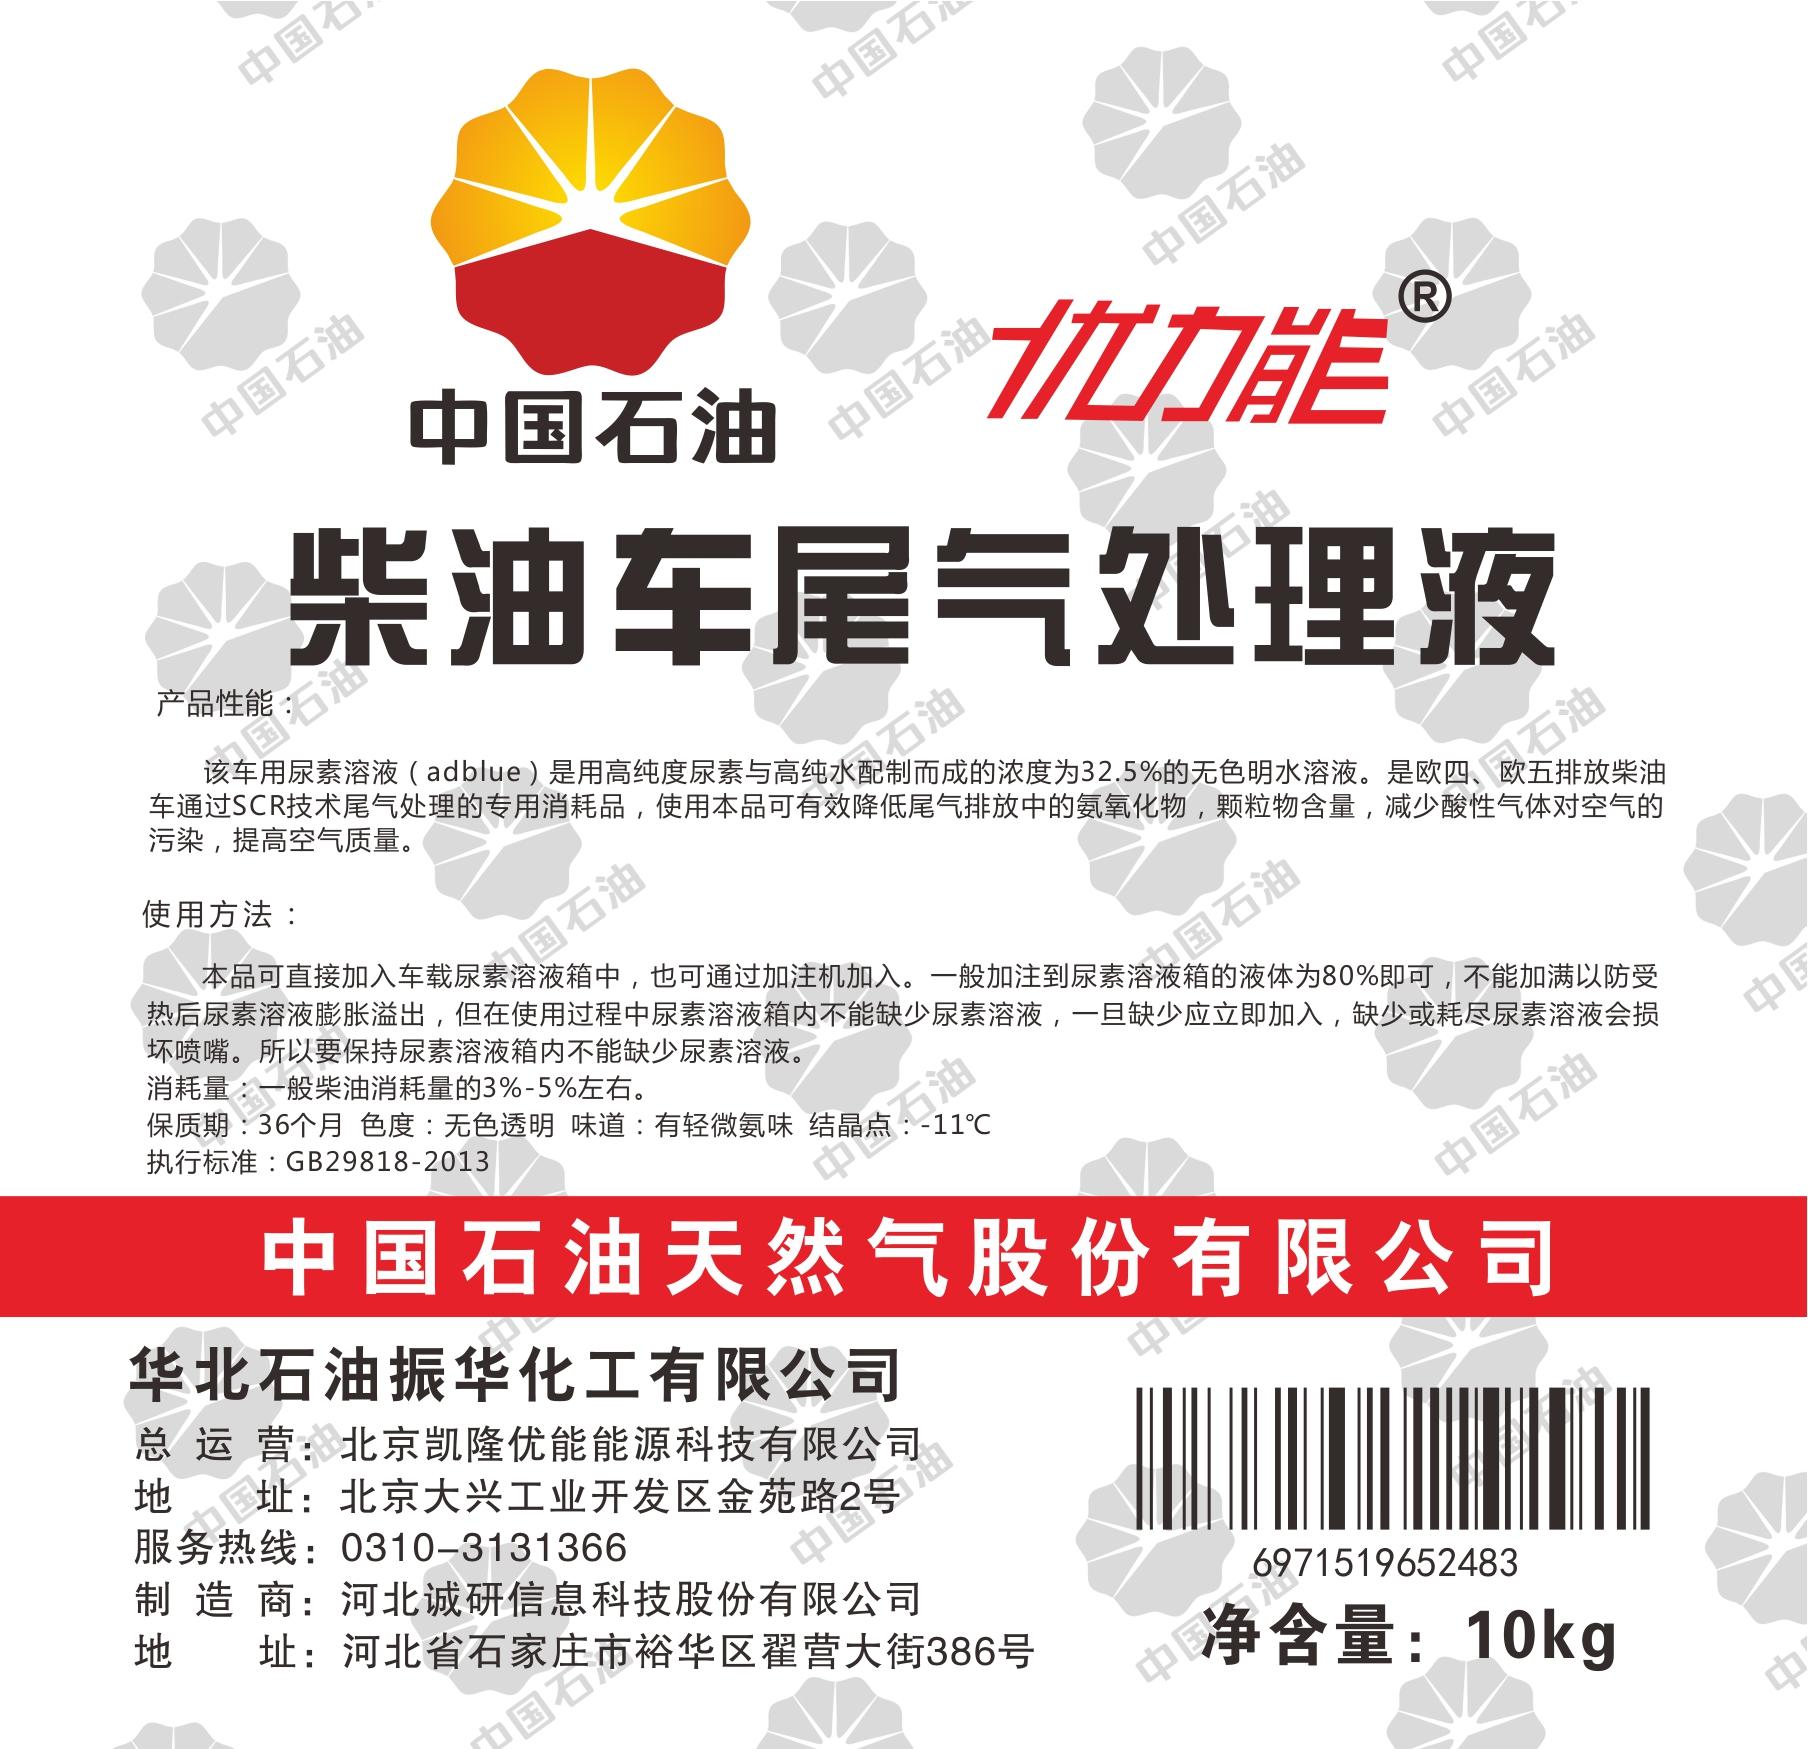 柴油瓶不干胶标贴 润滑油标签纸不干胶 汽油瓶标不干胶标签